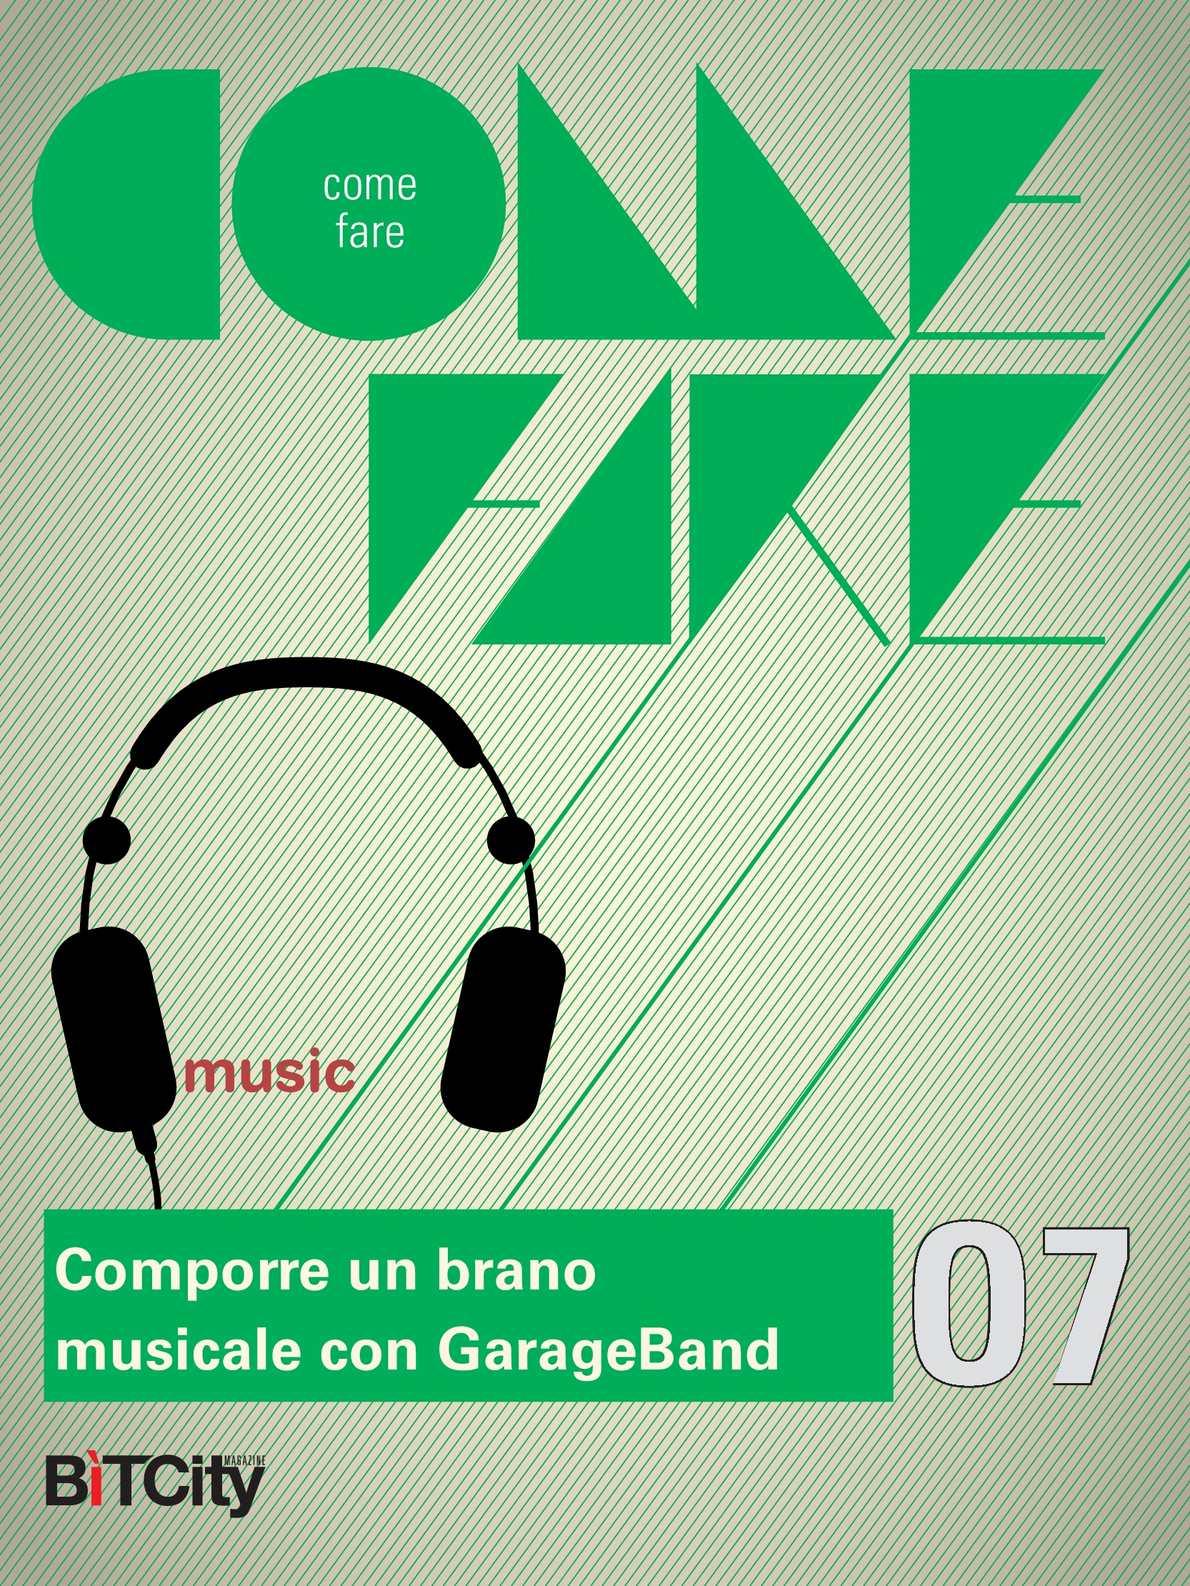 01 Come fare: Comporre un brano musicale con GarageBand